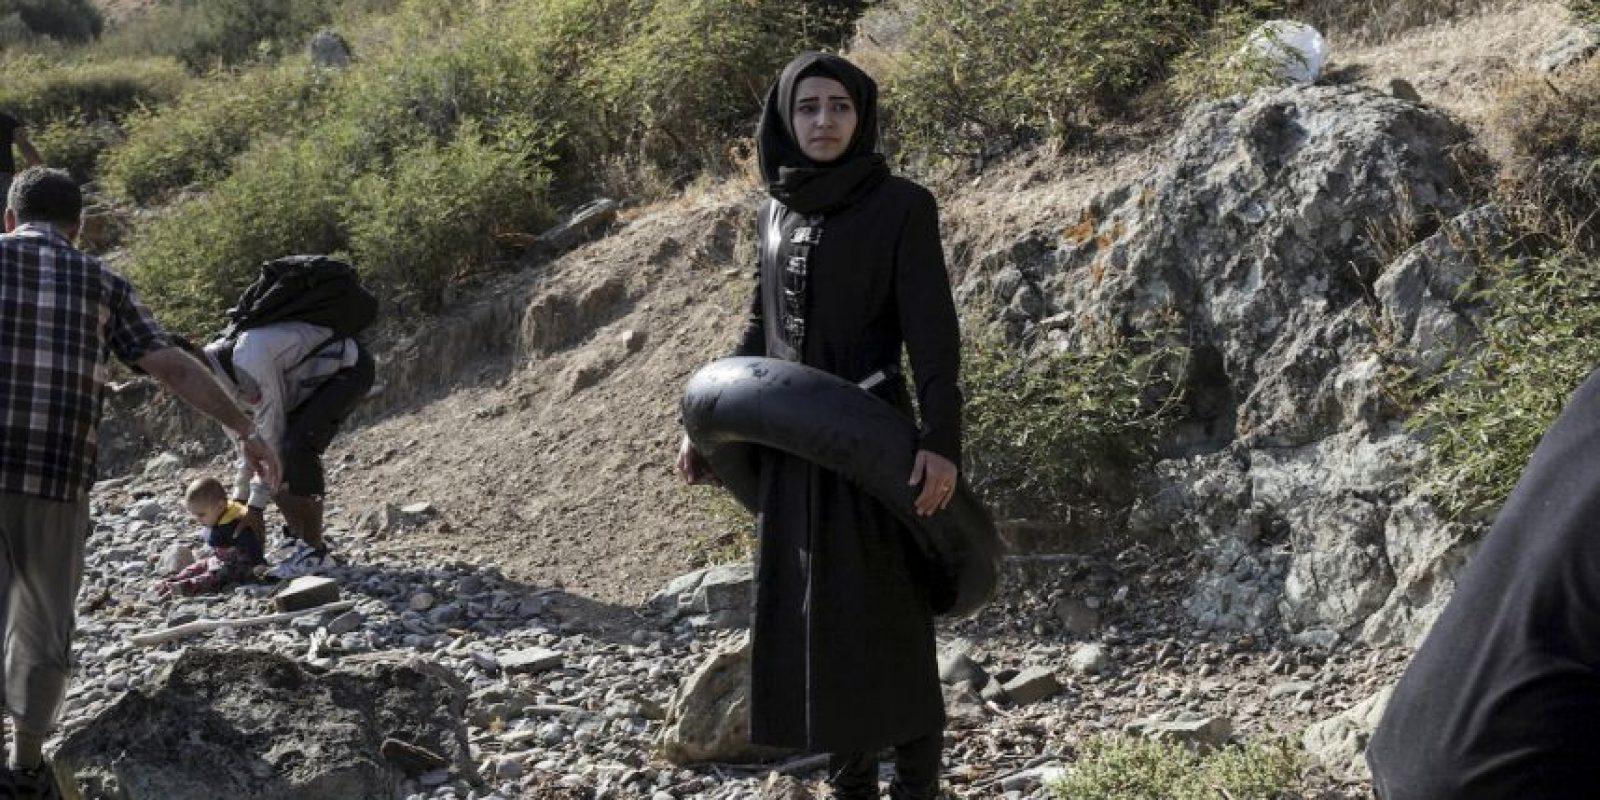 Refugiada siria en la isla griega Lesbos. Foto:AFP